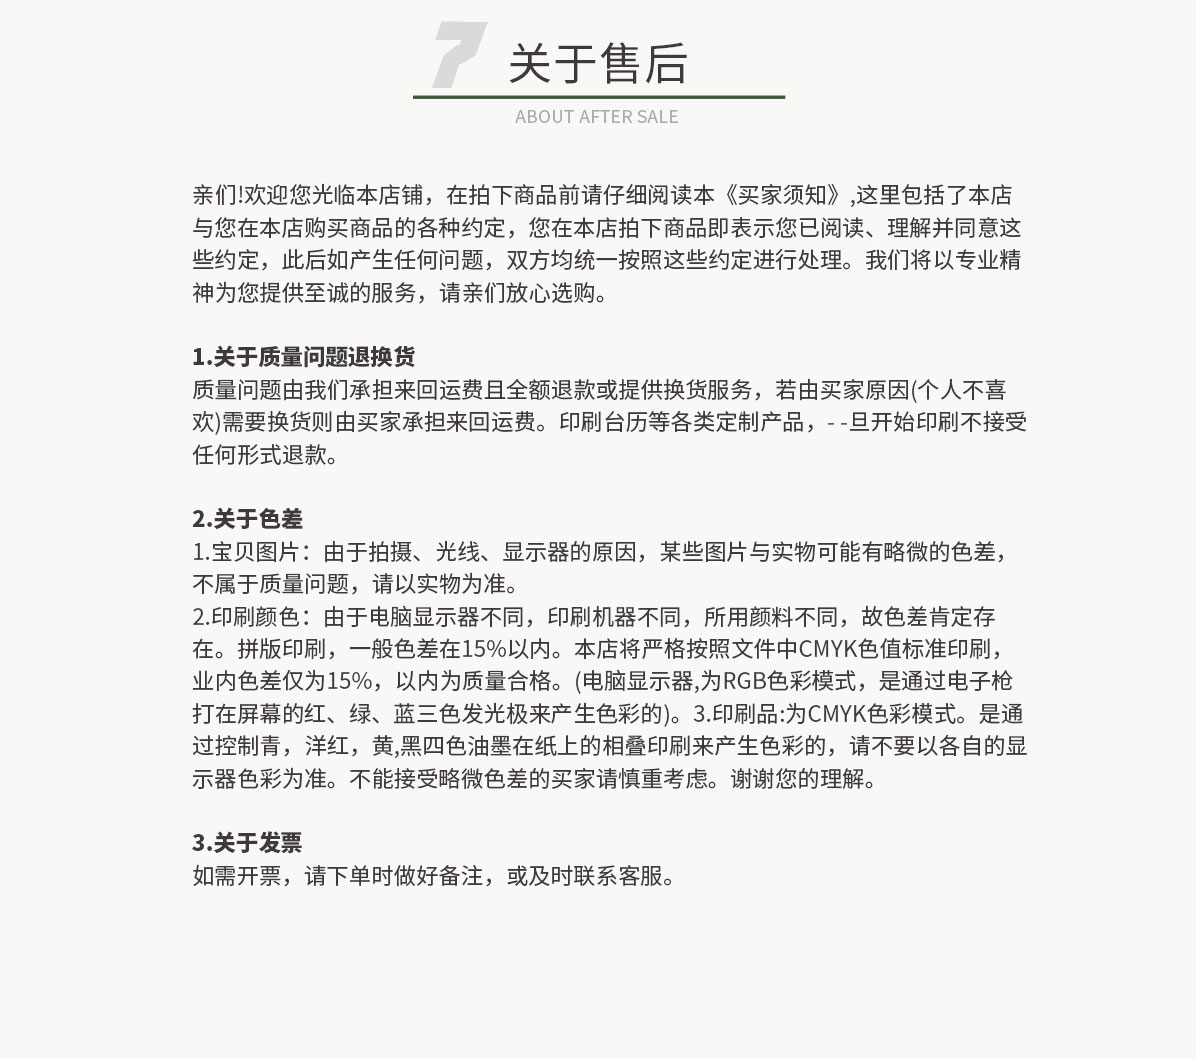 相册-军旅2_05.jpg